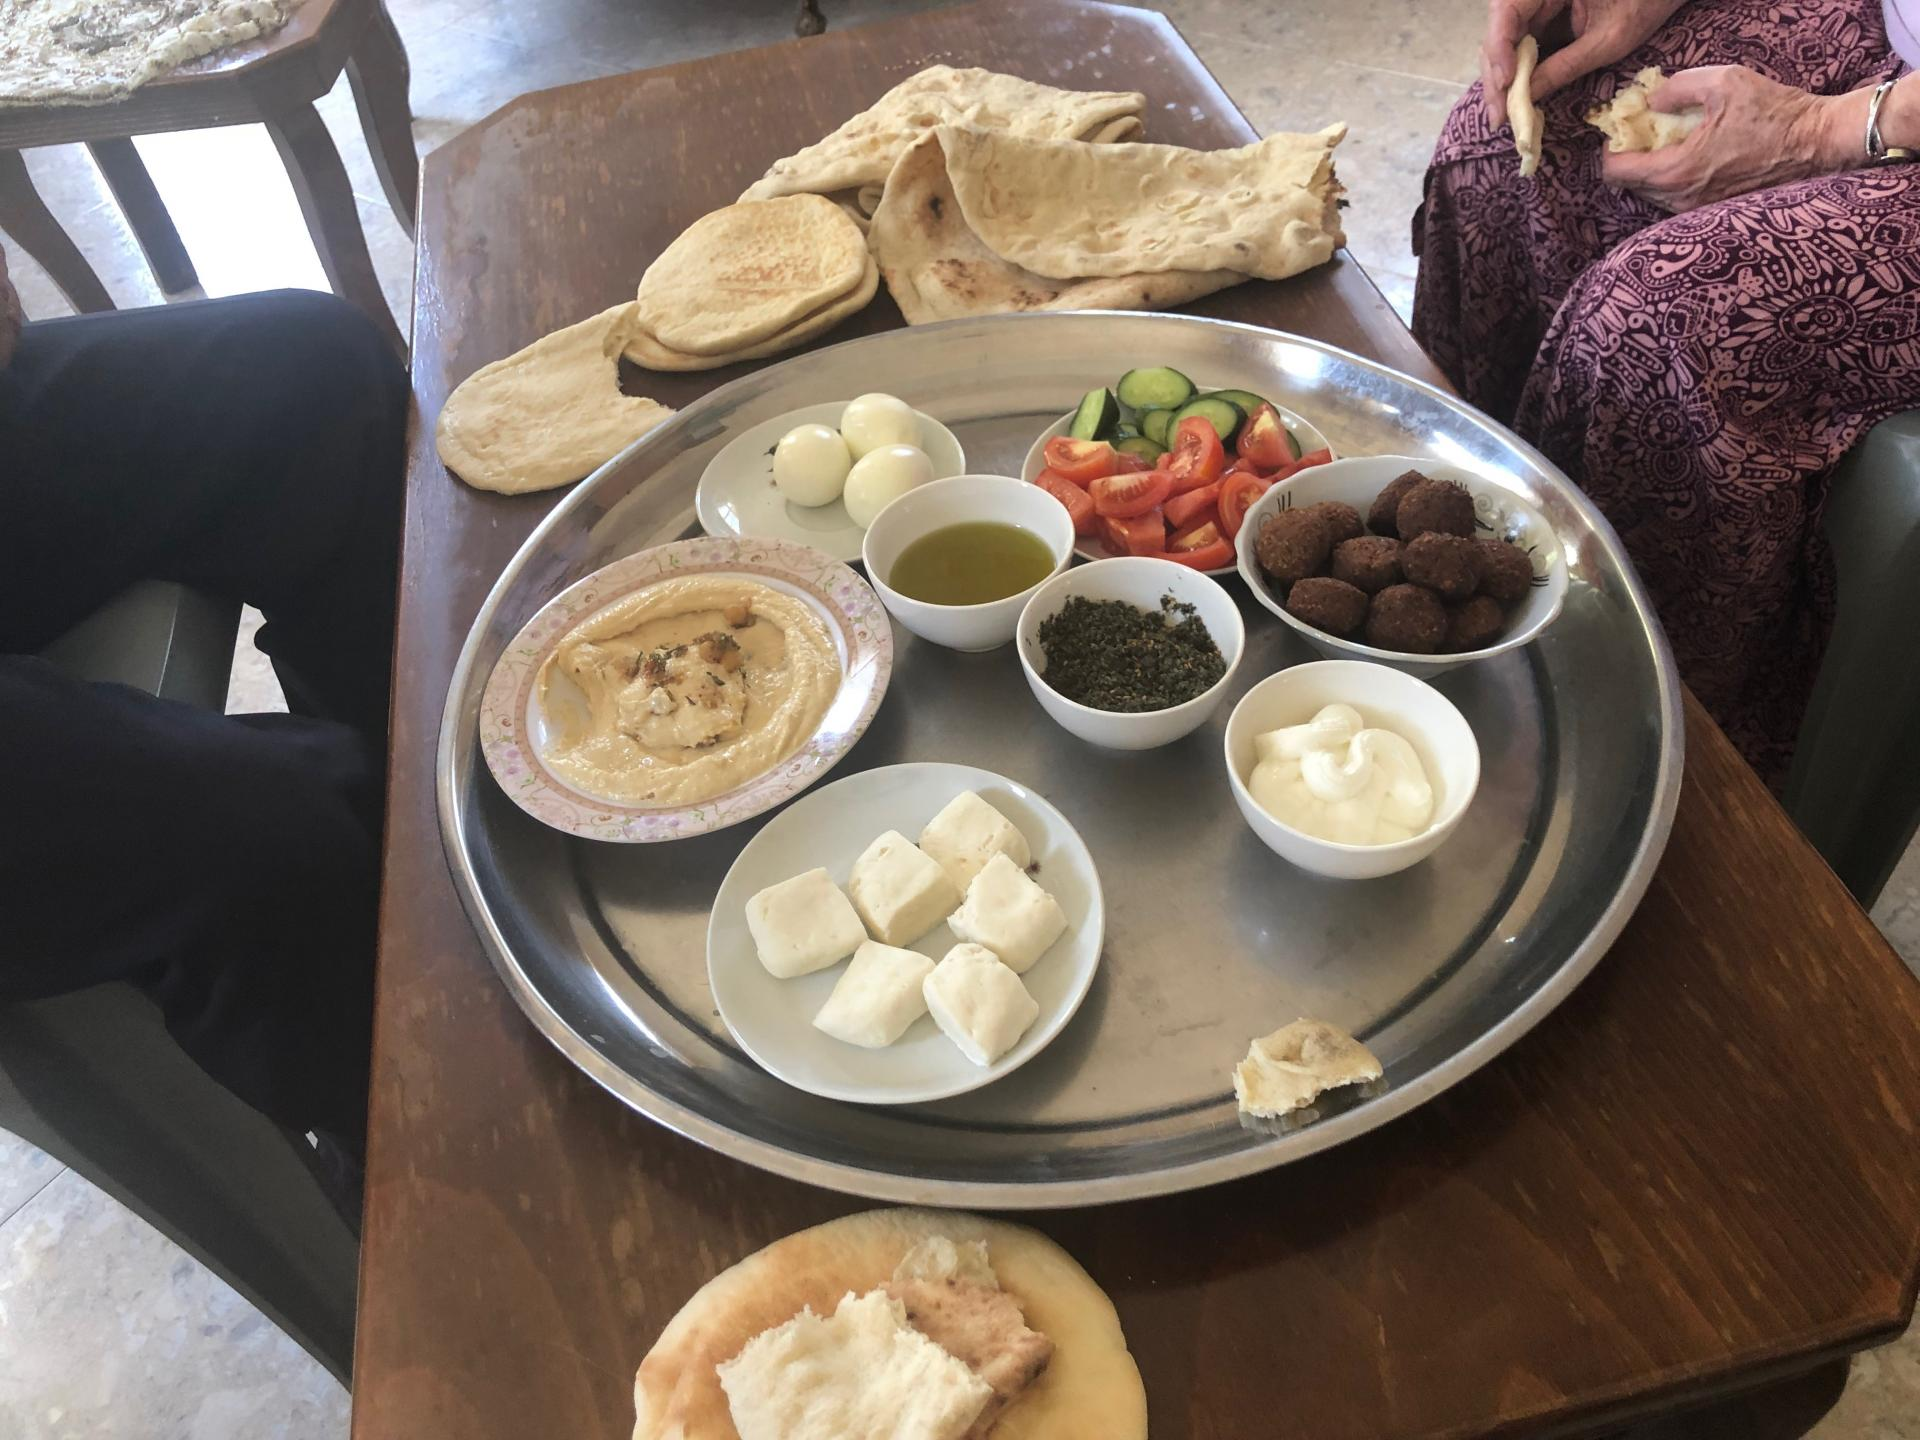 קדום. ארוחת בוקר פלסטינית